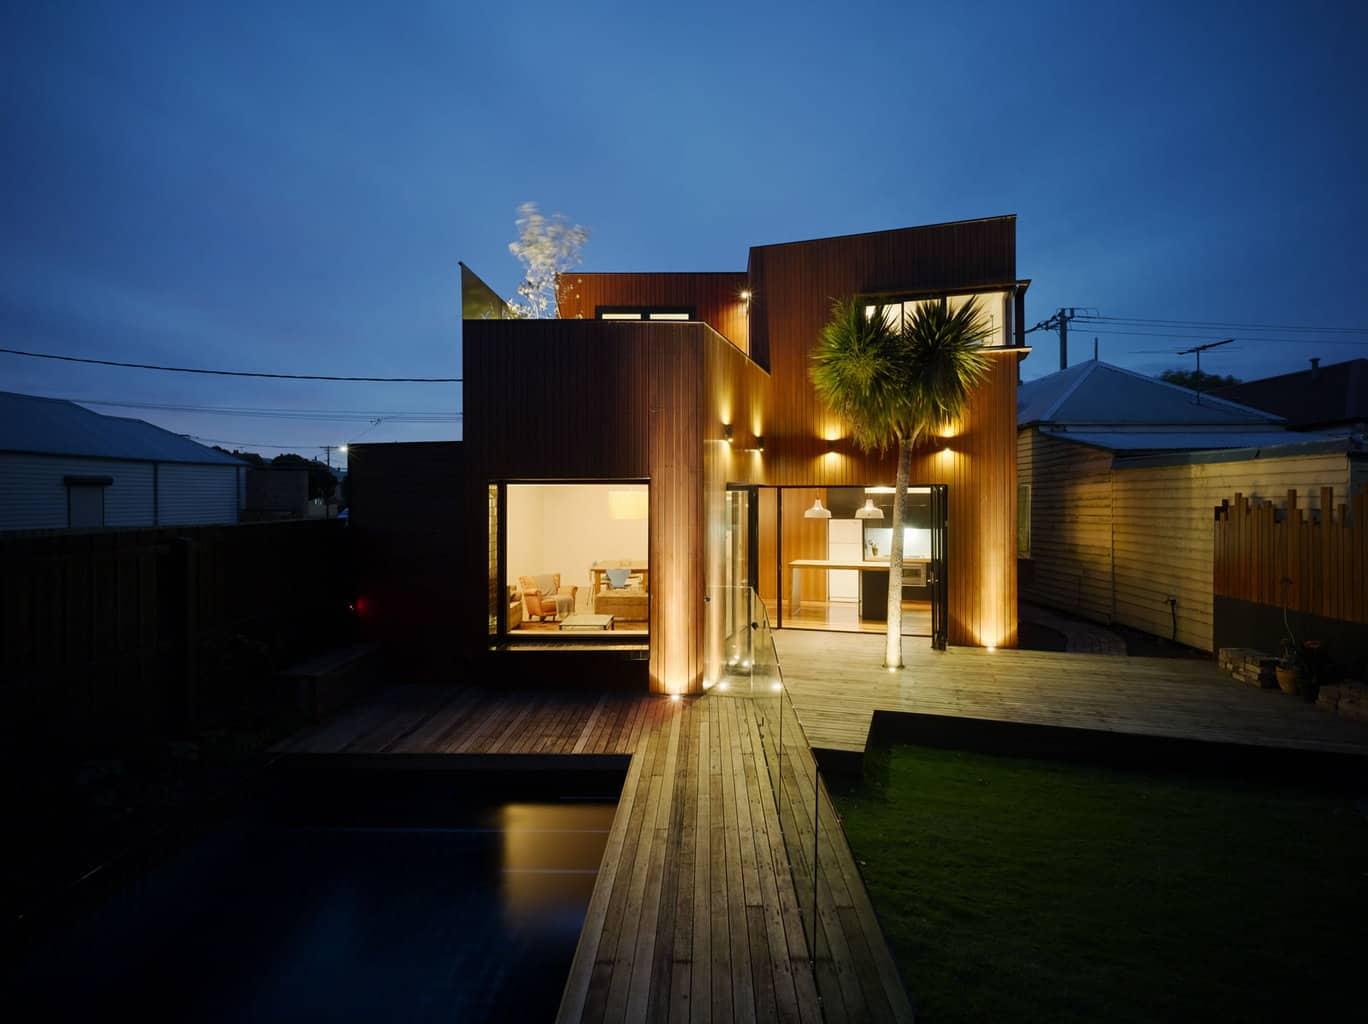 The Barrow house by Andrew Maynard Architects